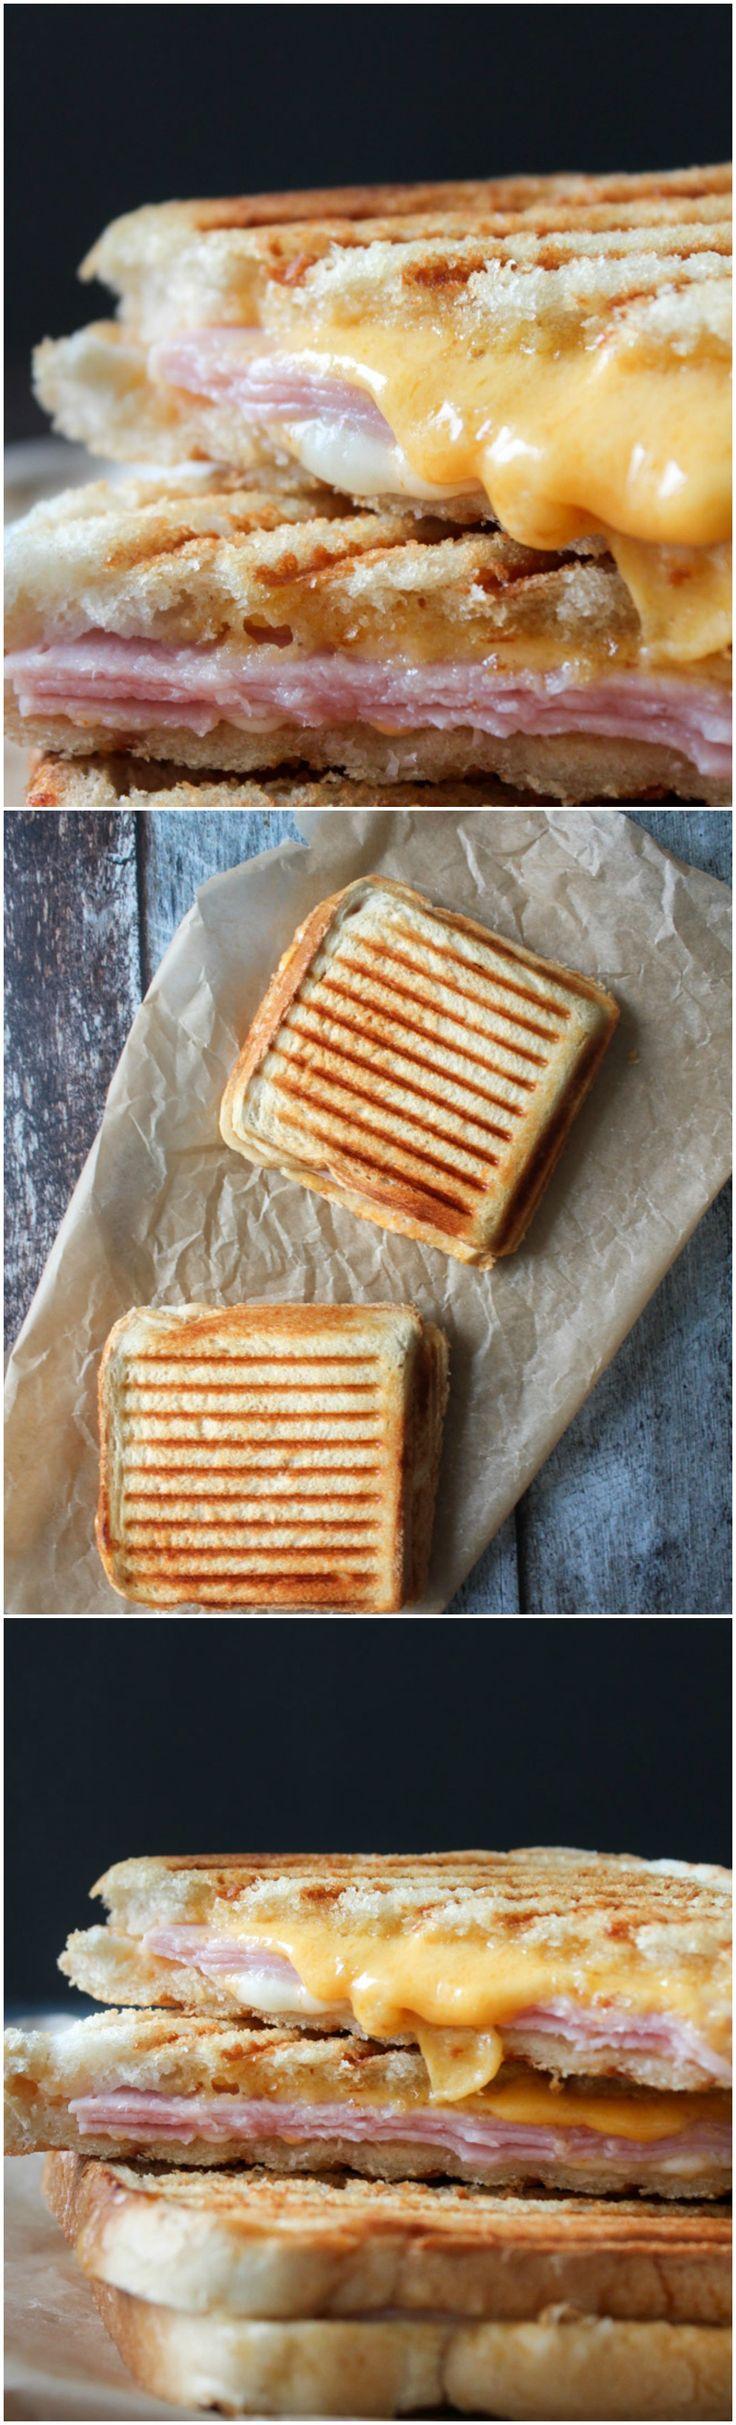 Ham And Cheese Grilled Cheese - Ham And Cheese Toast - Grilled Cheese - Chili Mayo - Spicy Grilled Cheese - Easy Lunch - Easy Dinner - Bread